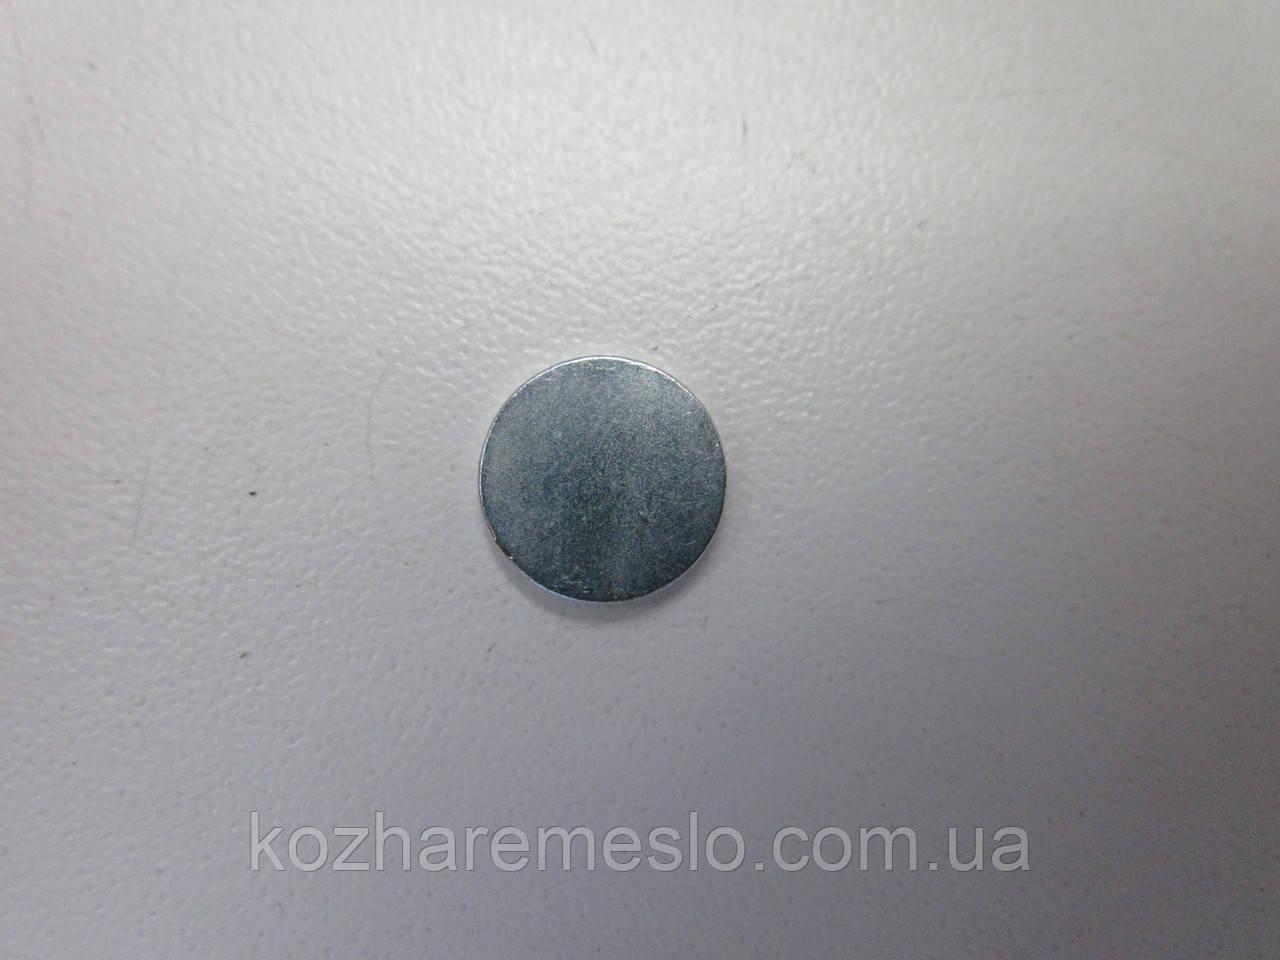 Кнопка - магніт потаємний неодимовий 10 х 2 мм